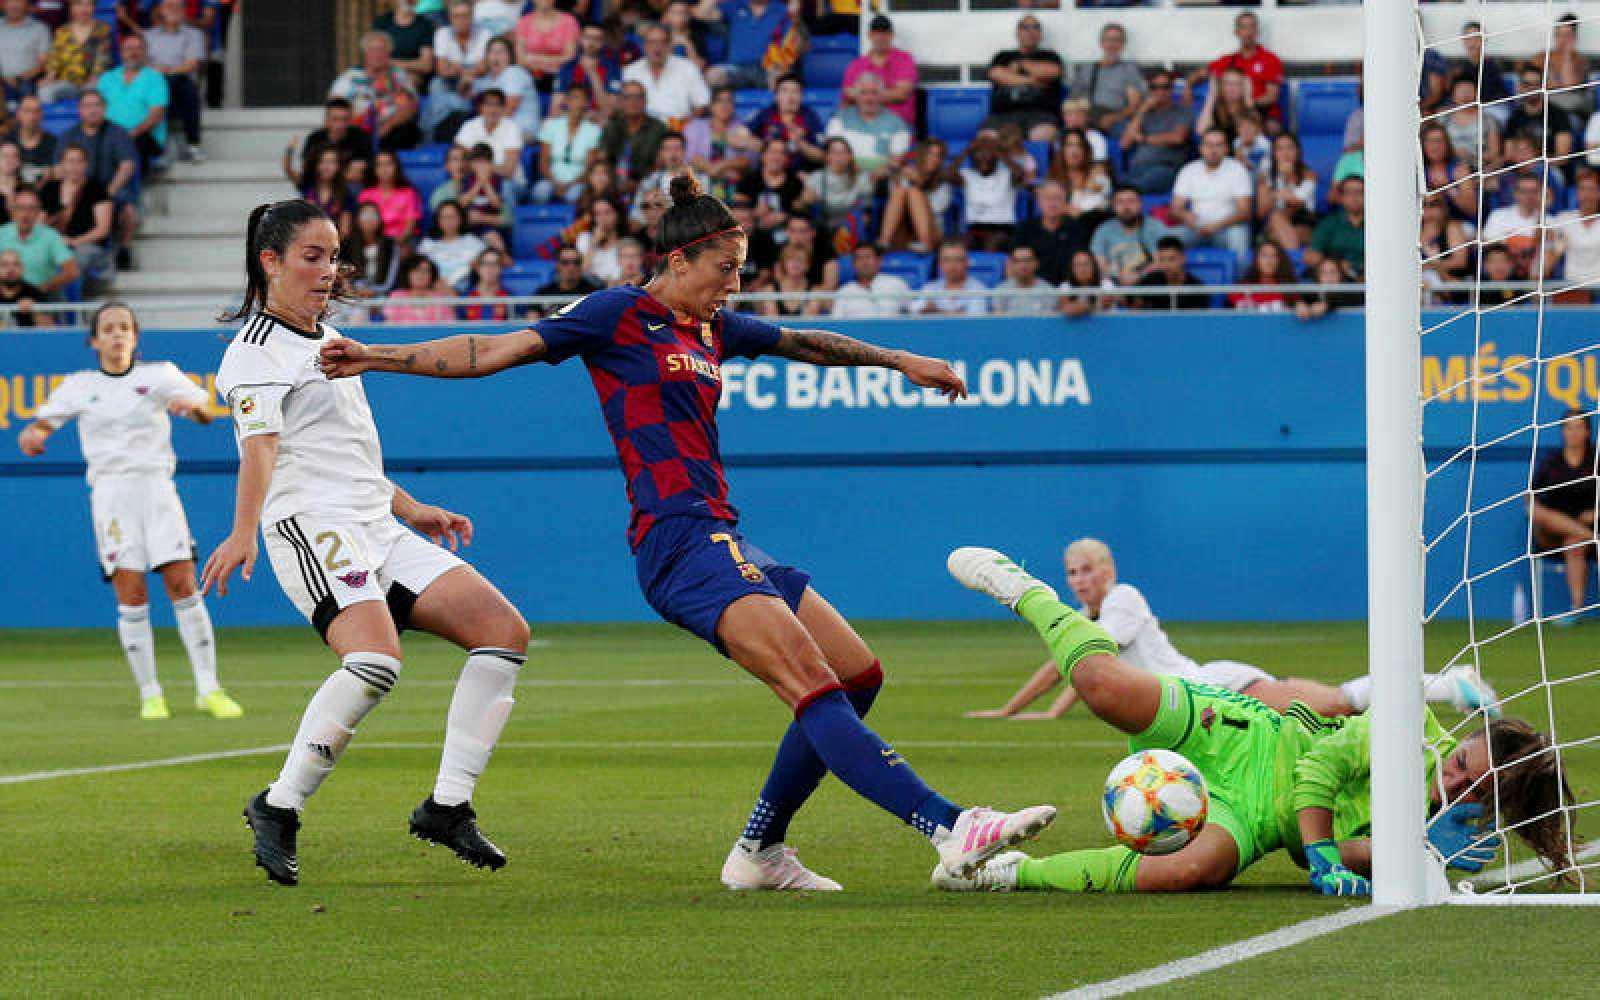 FC Barcelona vs CD Tacon